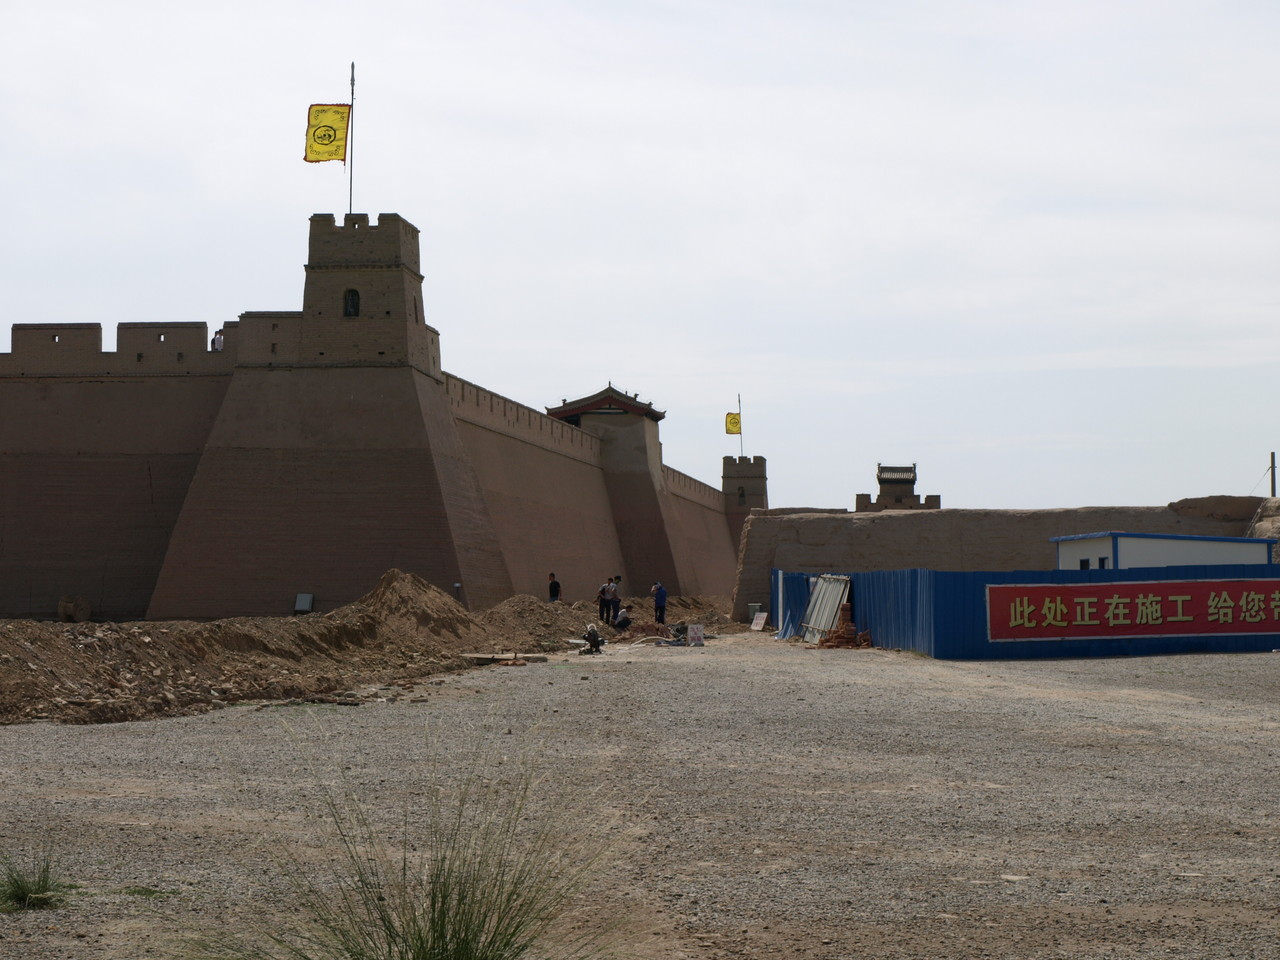 befindet sich eine Festung